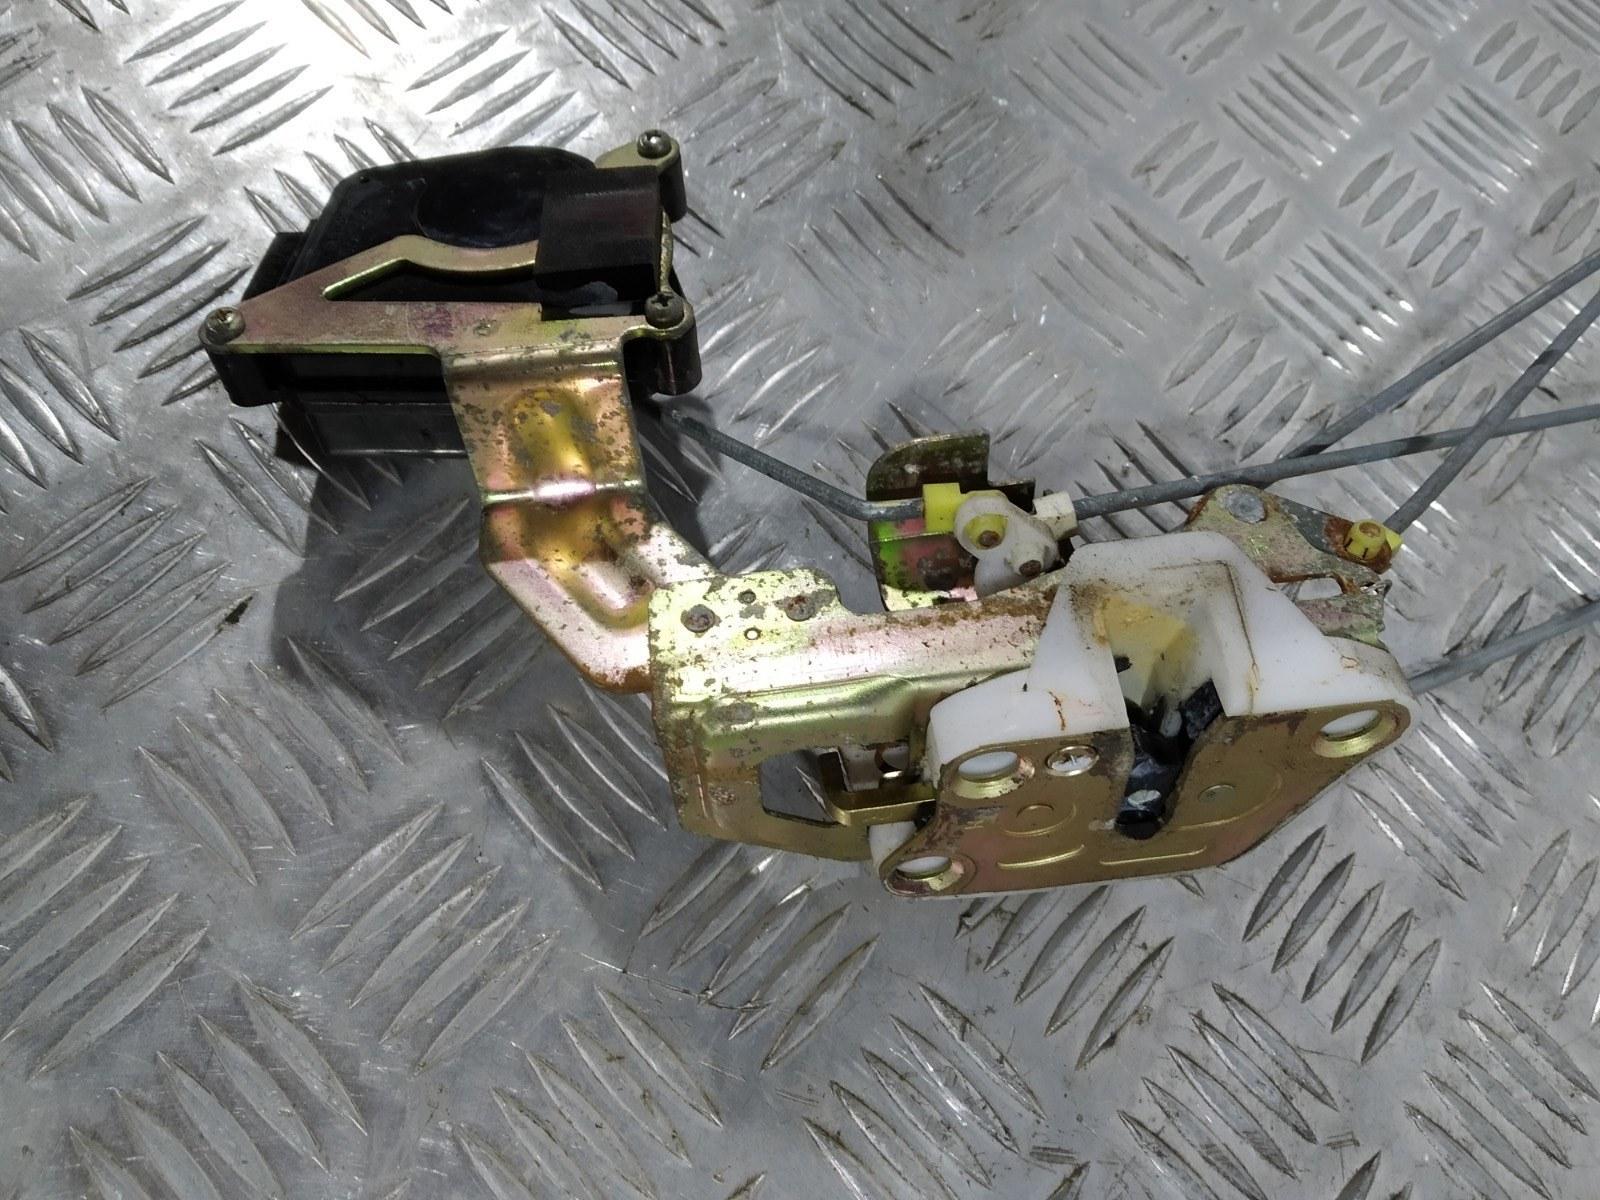 Замок двери передней правой Chevrolet Matiz 1.0 I 2006 (б/у)